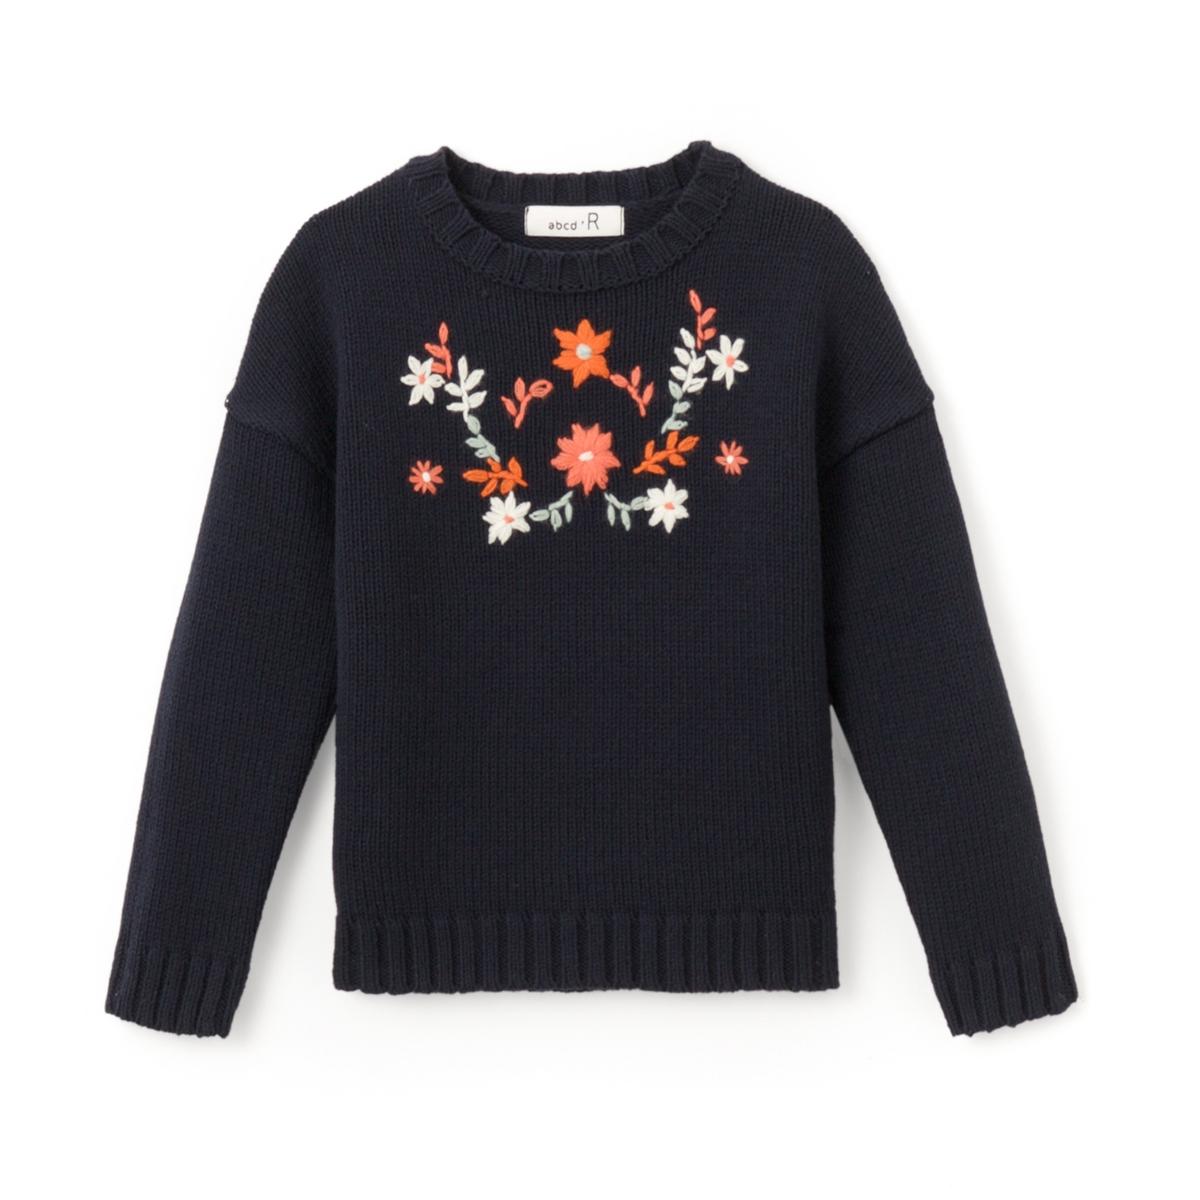 Пуловер с вышивкой 3-12 лет